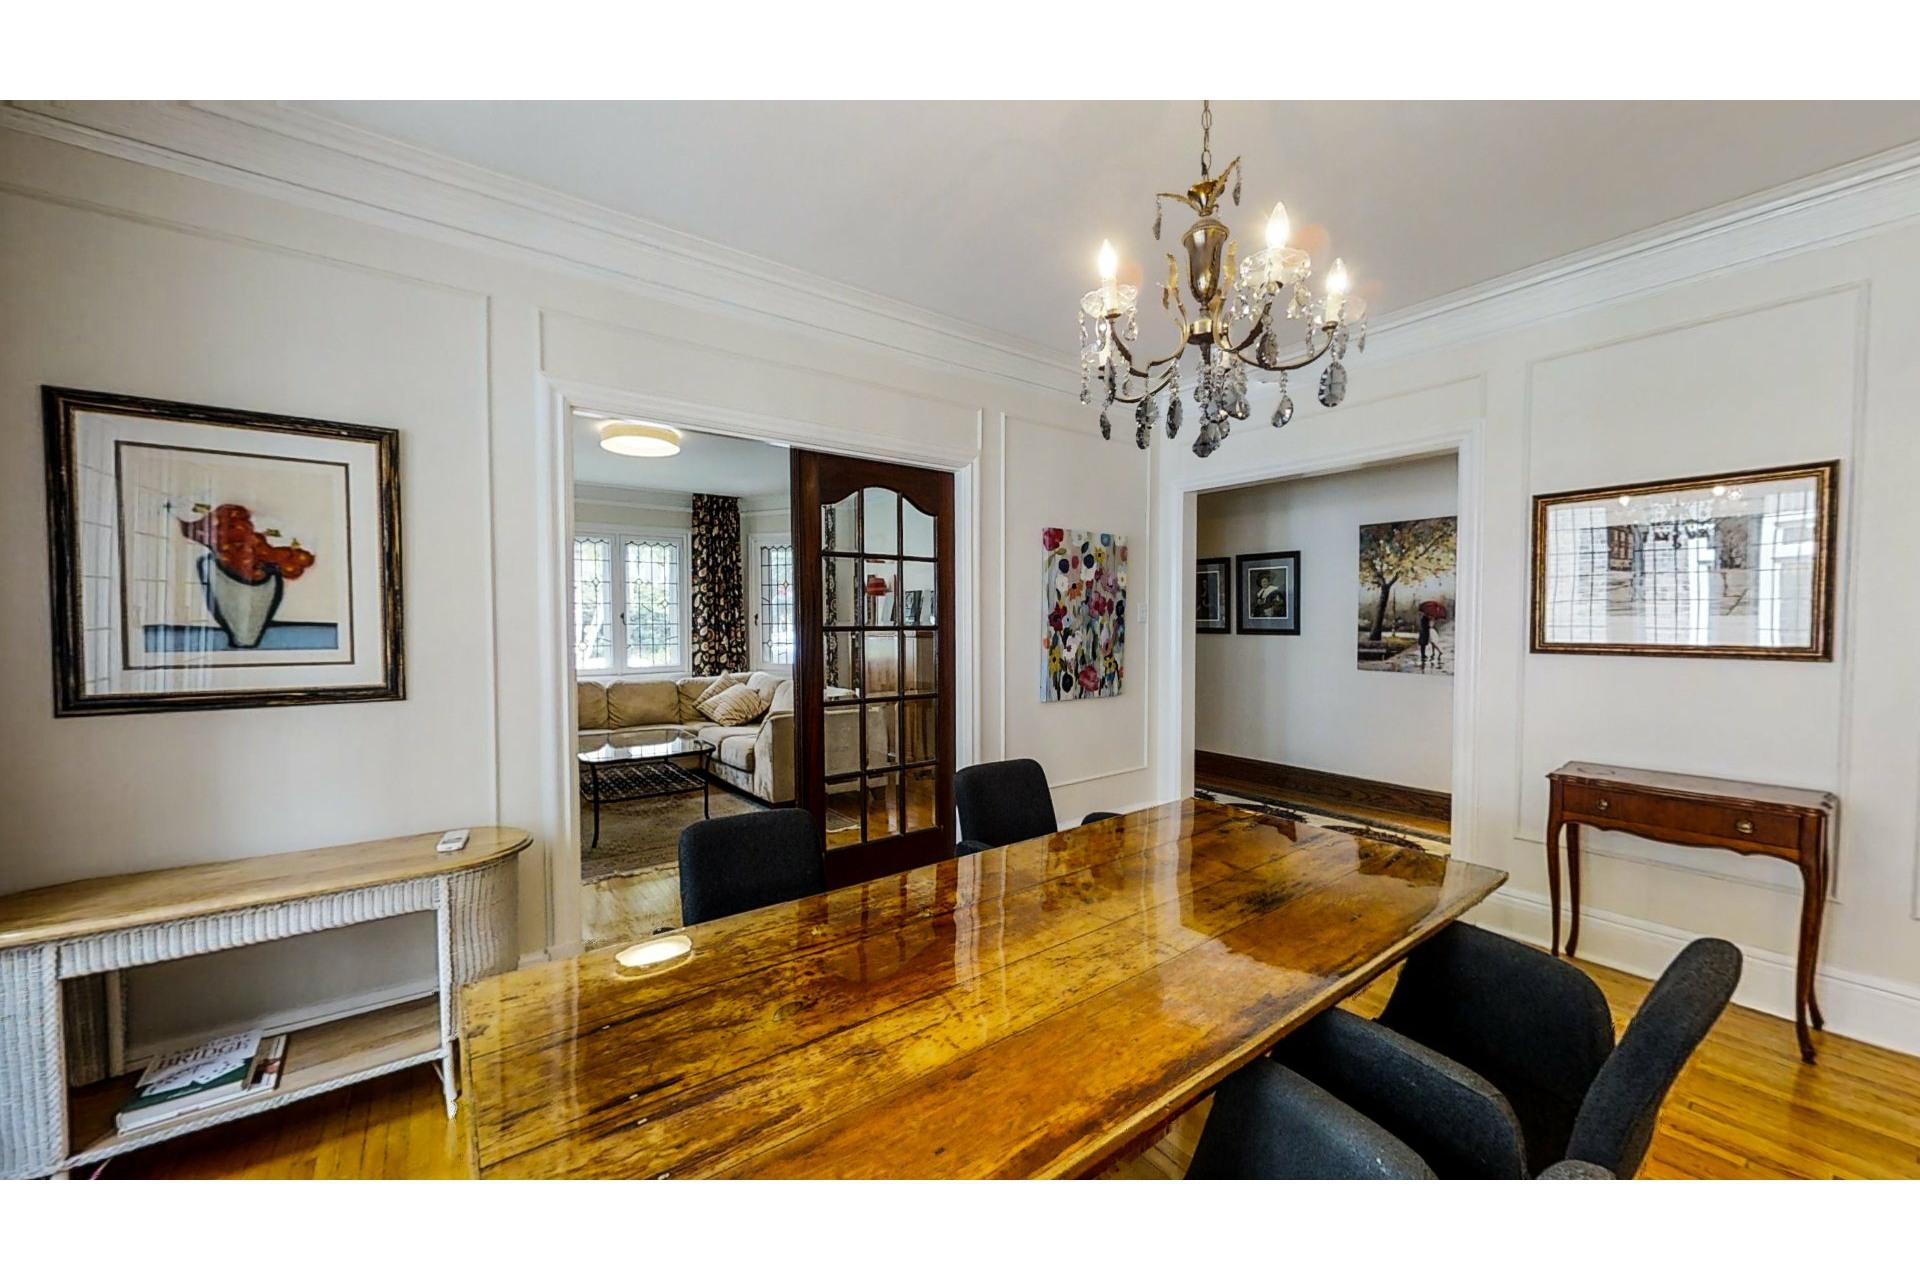 image 4 - Apartment For sale Côte-des-Neiges/Notre-Dame-de-Grâce Montréal  - 9 rooms